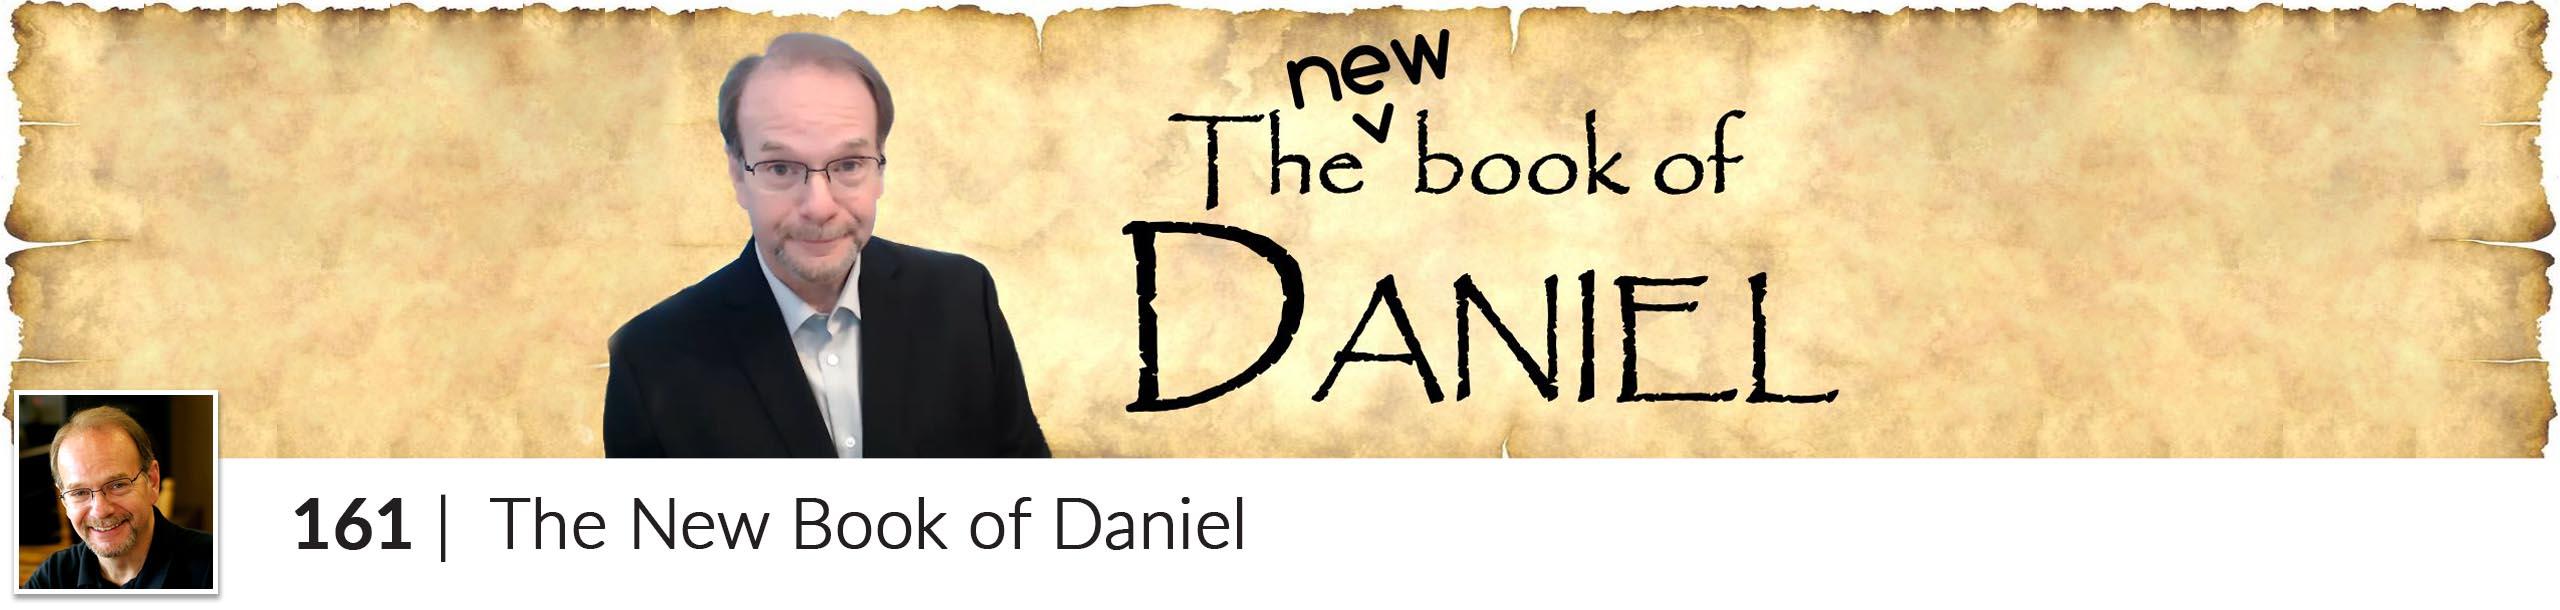 NewBookofDaniel_header1